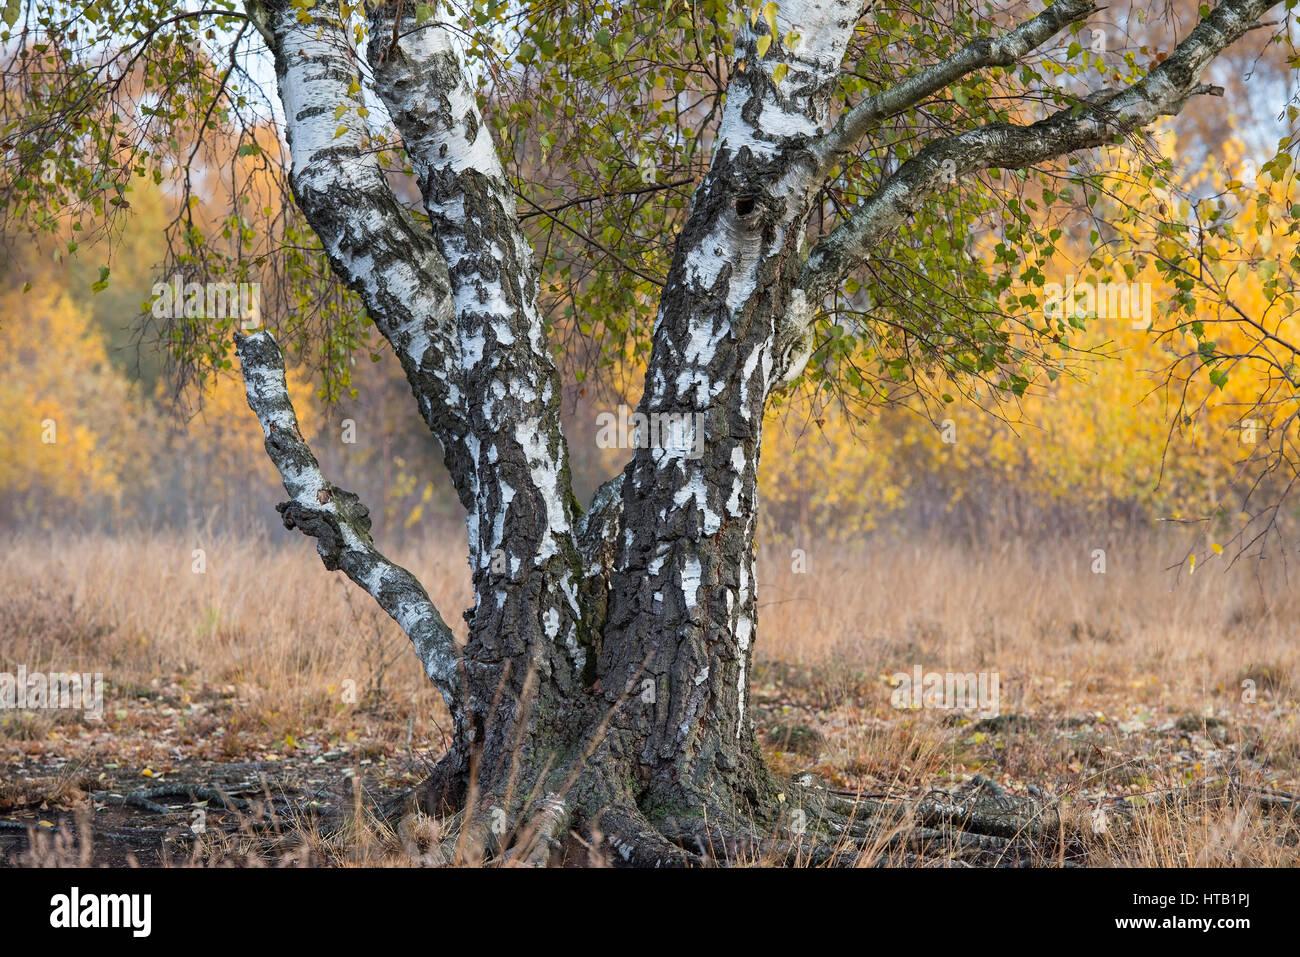 Autumnal birch in the moor, Herbstliche Birke im Moor Stock Photo